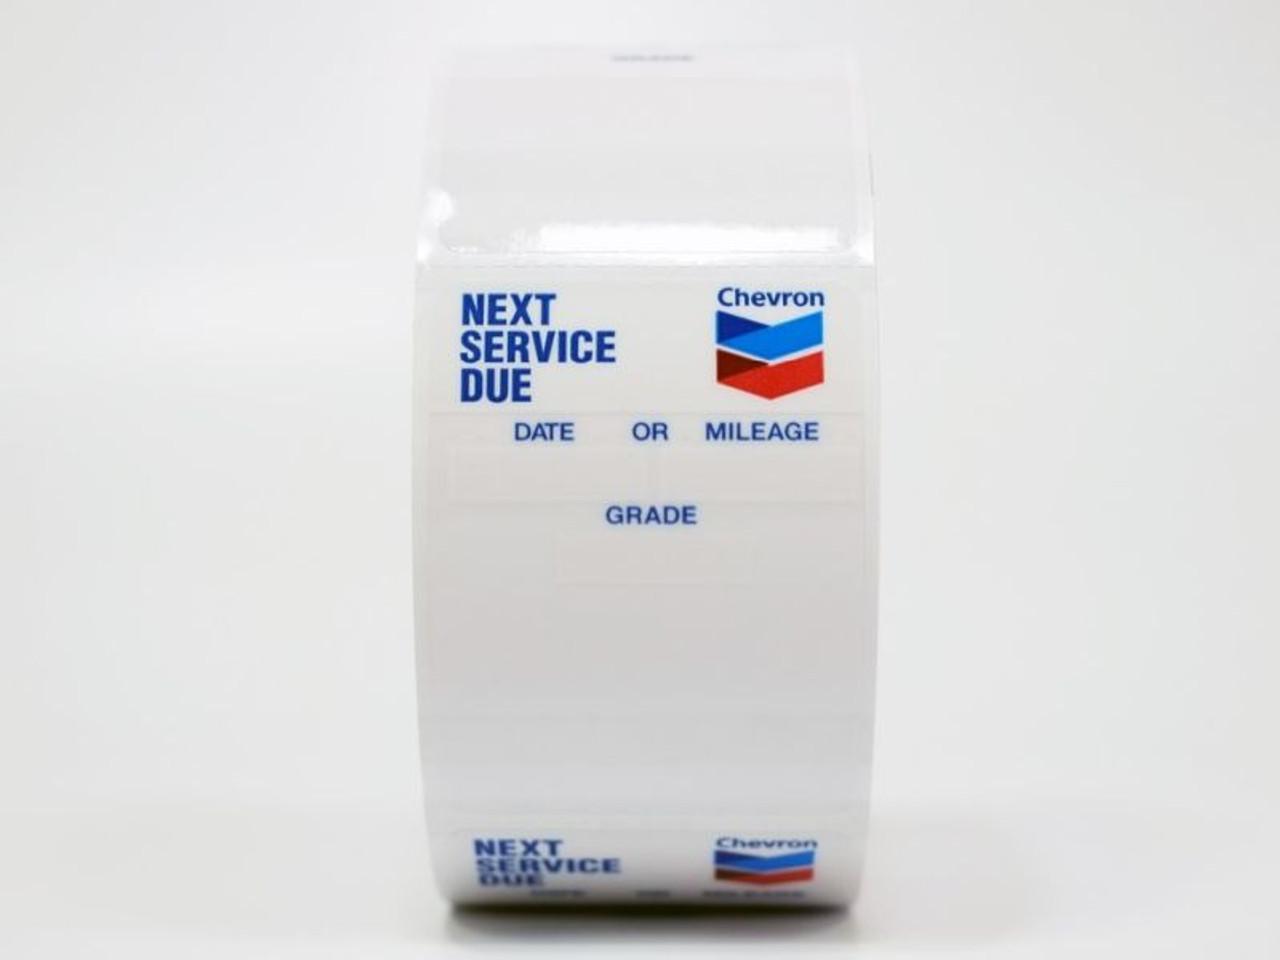 Oil Change Sticker with Chevron branding